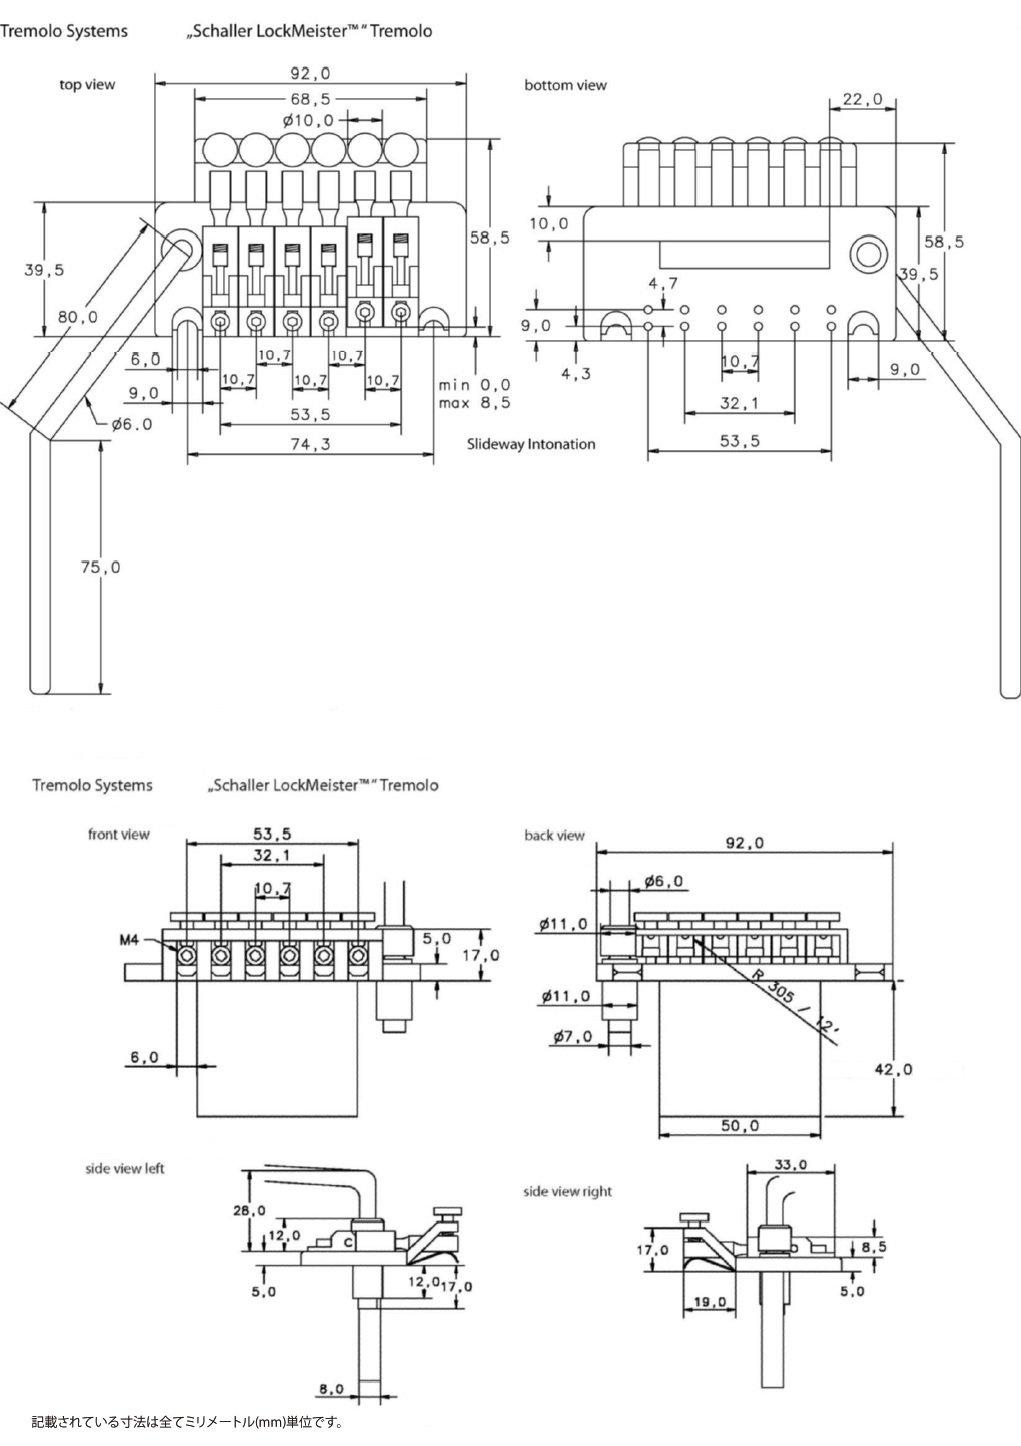 Schaller 37092/2 Tremolosystem LockMeister Gold